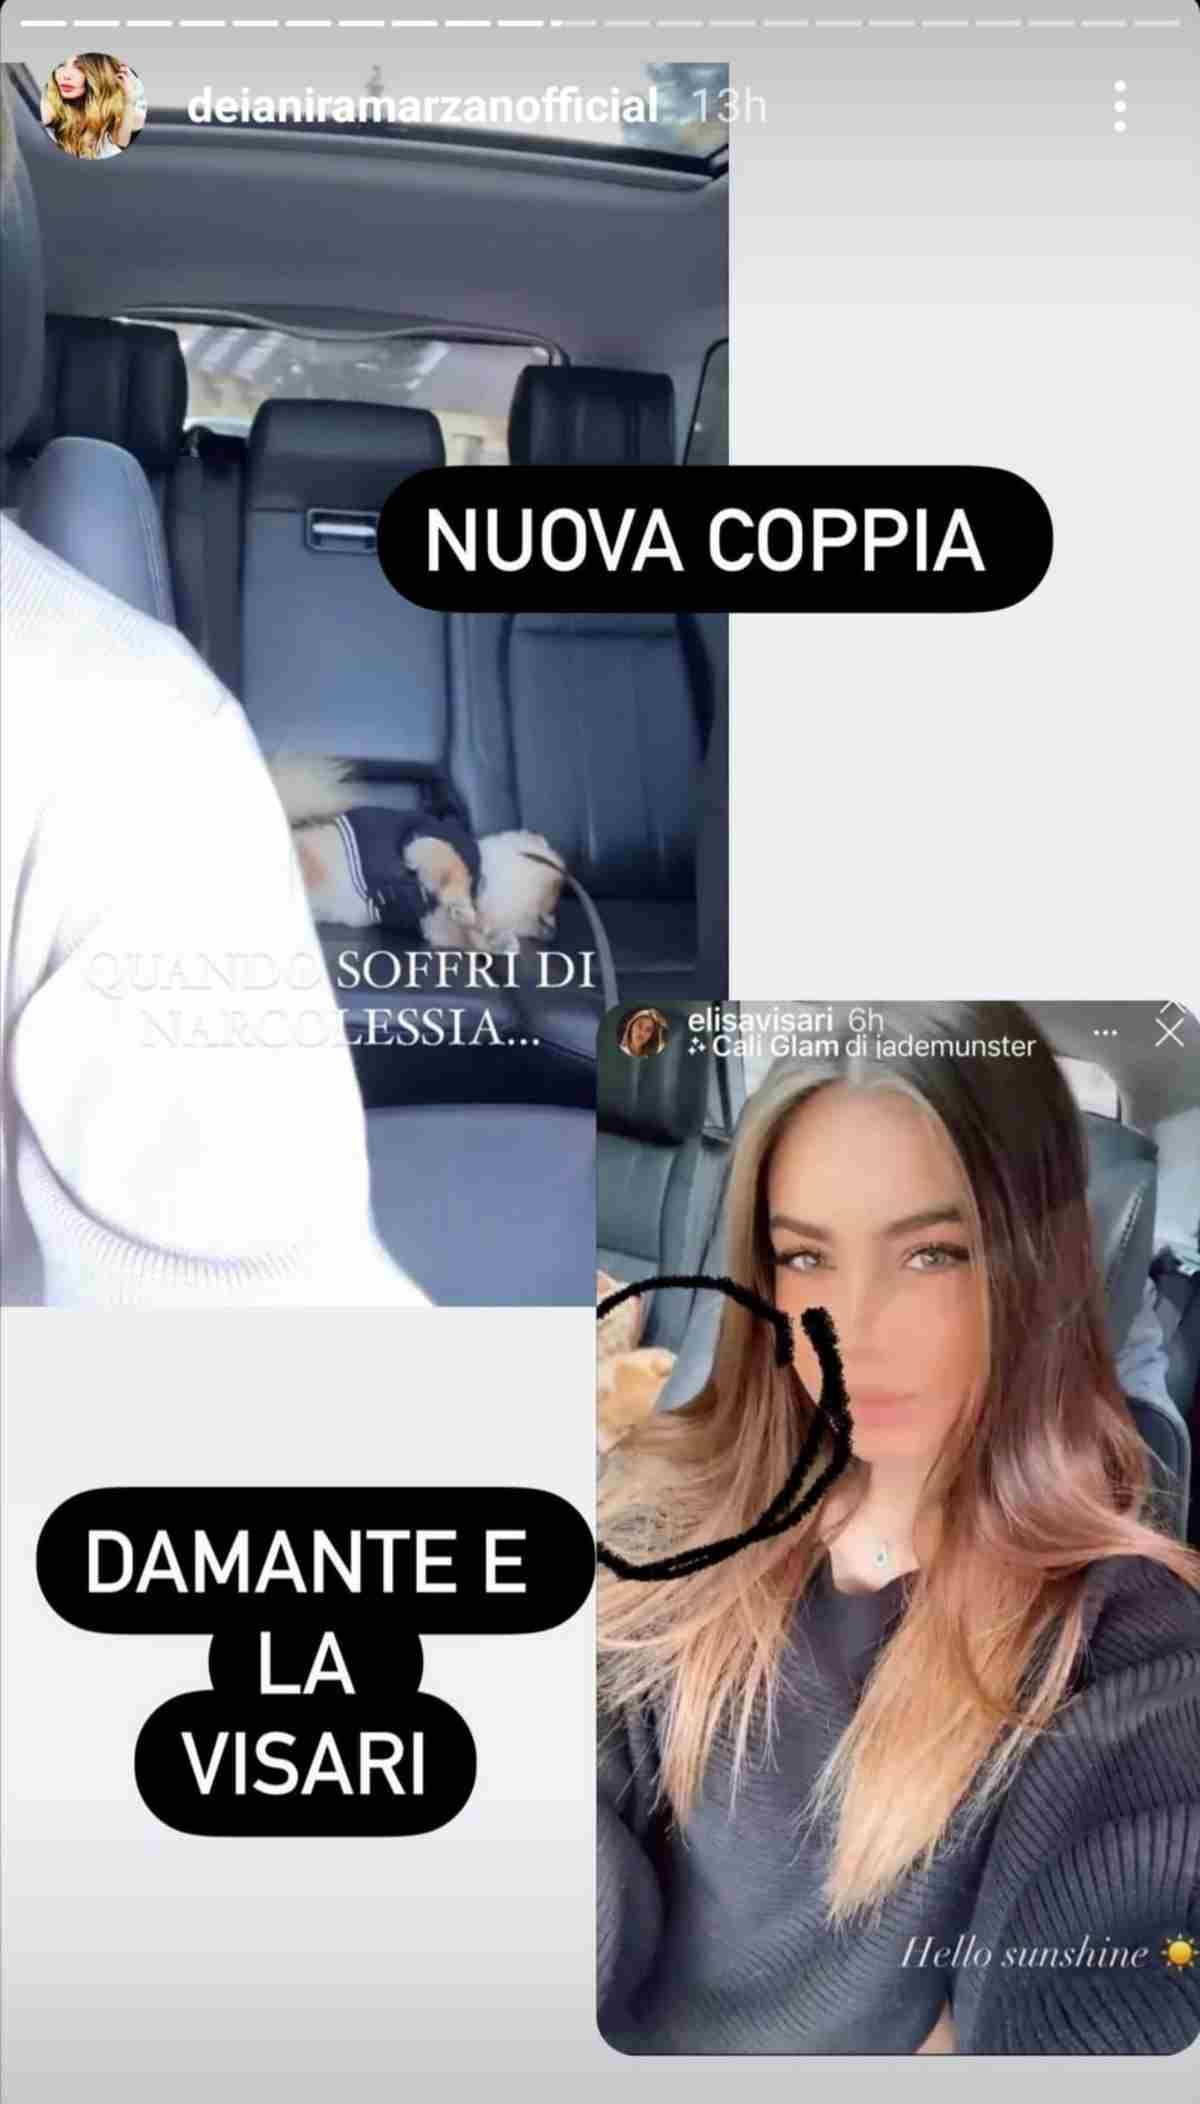 Andrea Damante ed Elisa Visari